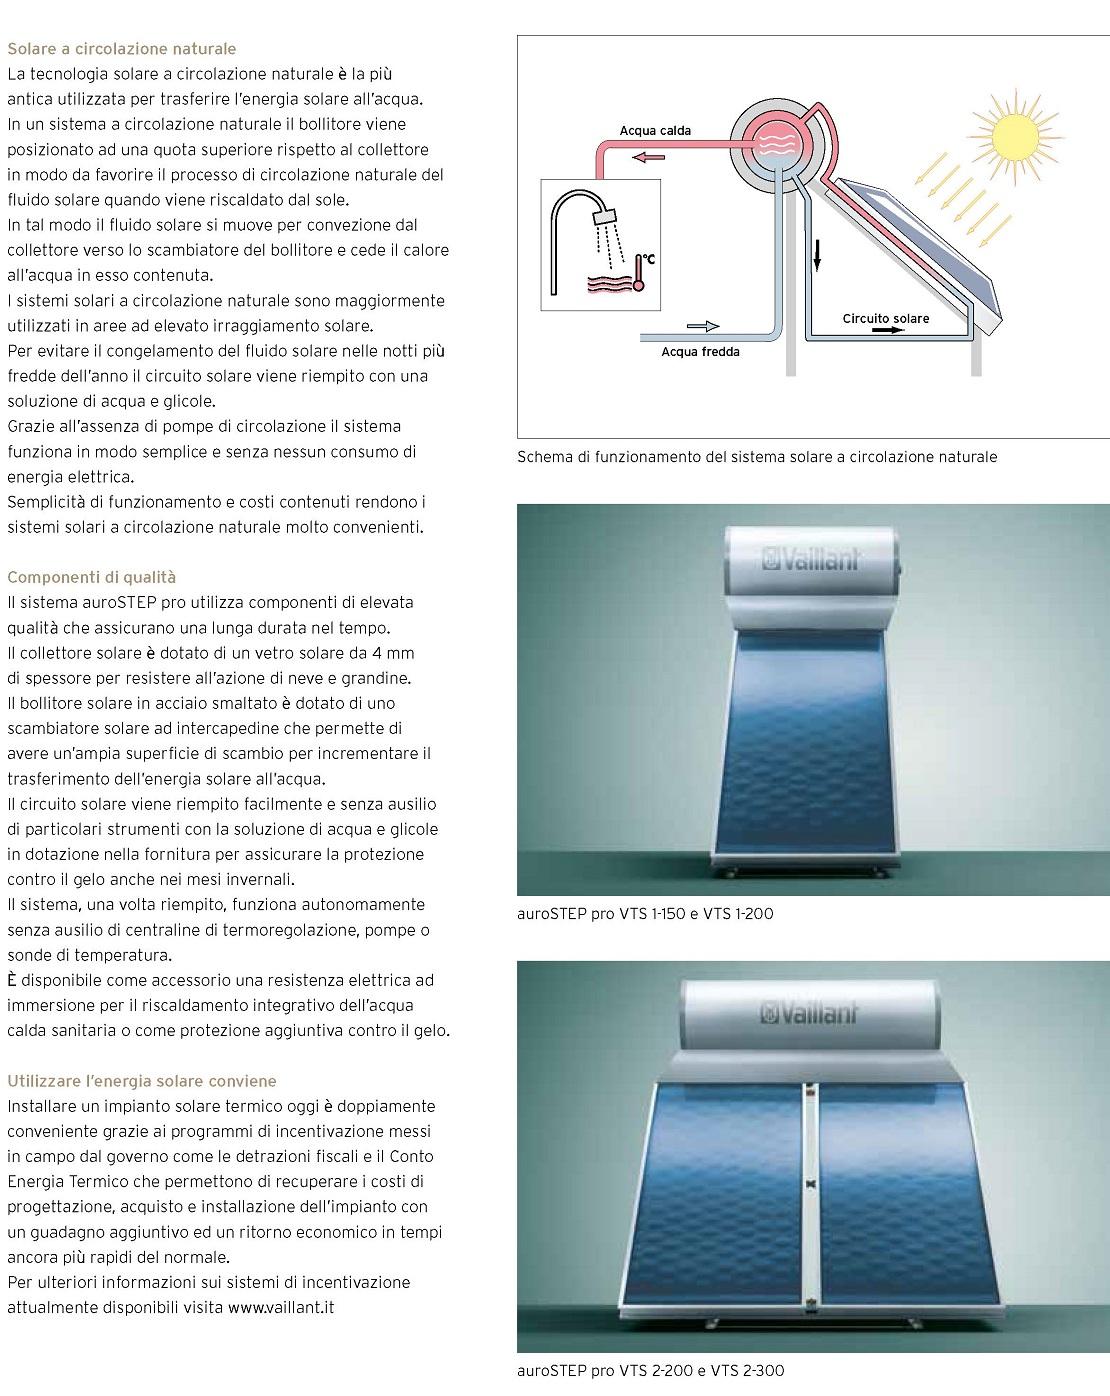 Pannello Solare Termico Vaillant 150 Litri AuroSTEP pro VTS 1-150